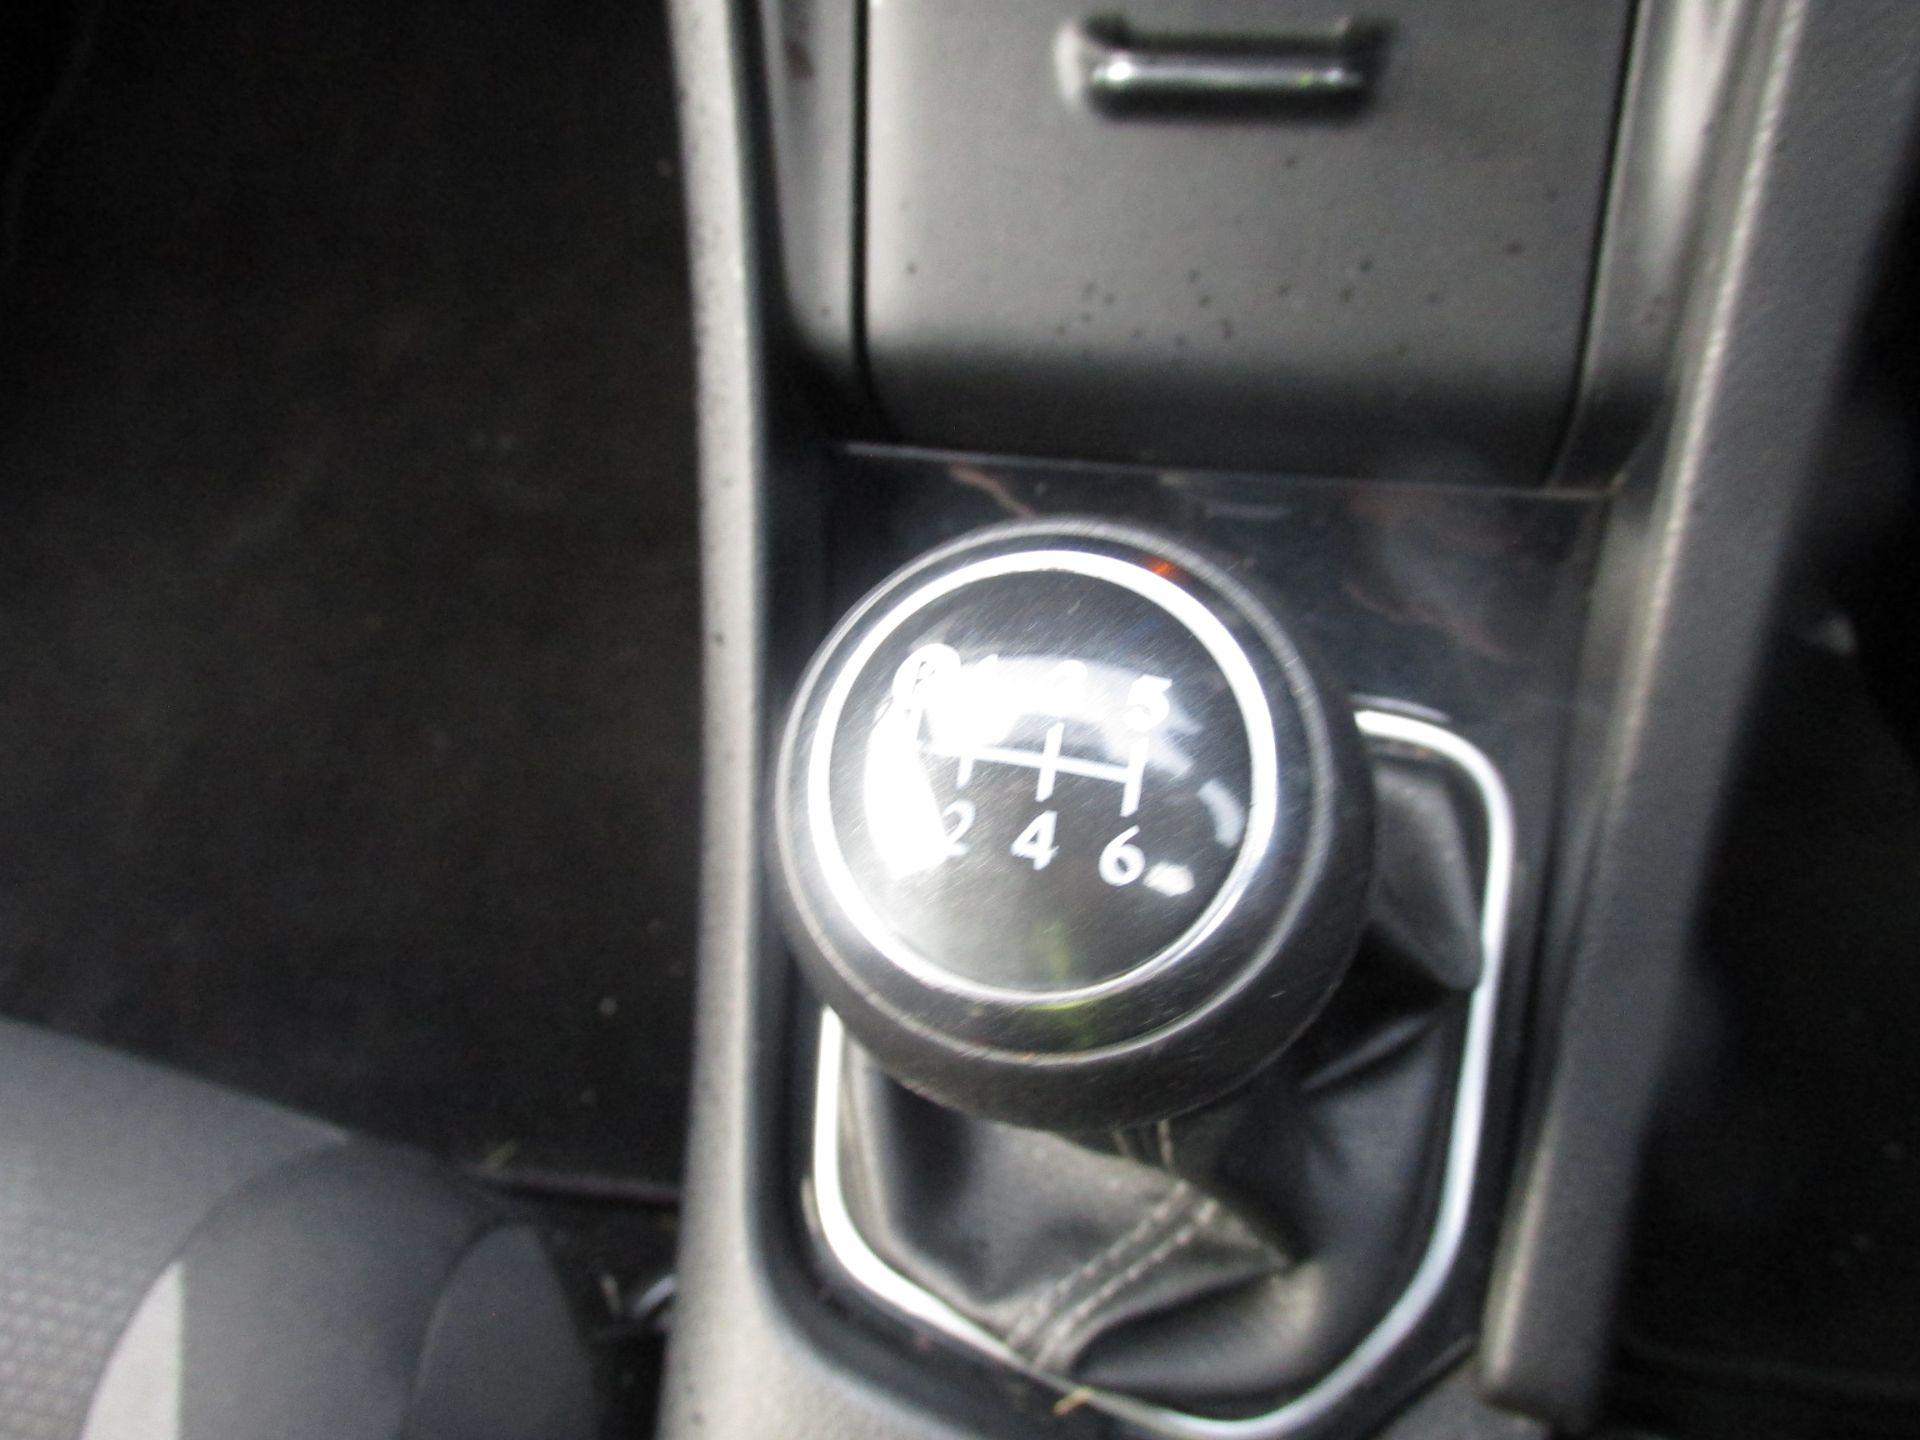 2016 Toyota Auris 1.4d-4d Terra 4DR (162D15167) Image 11